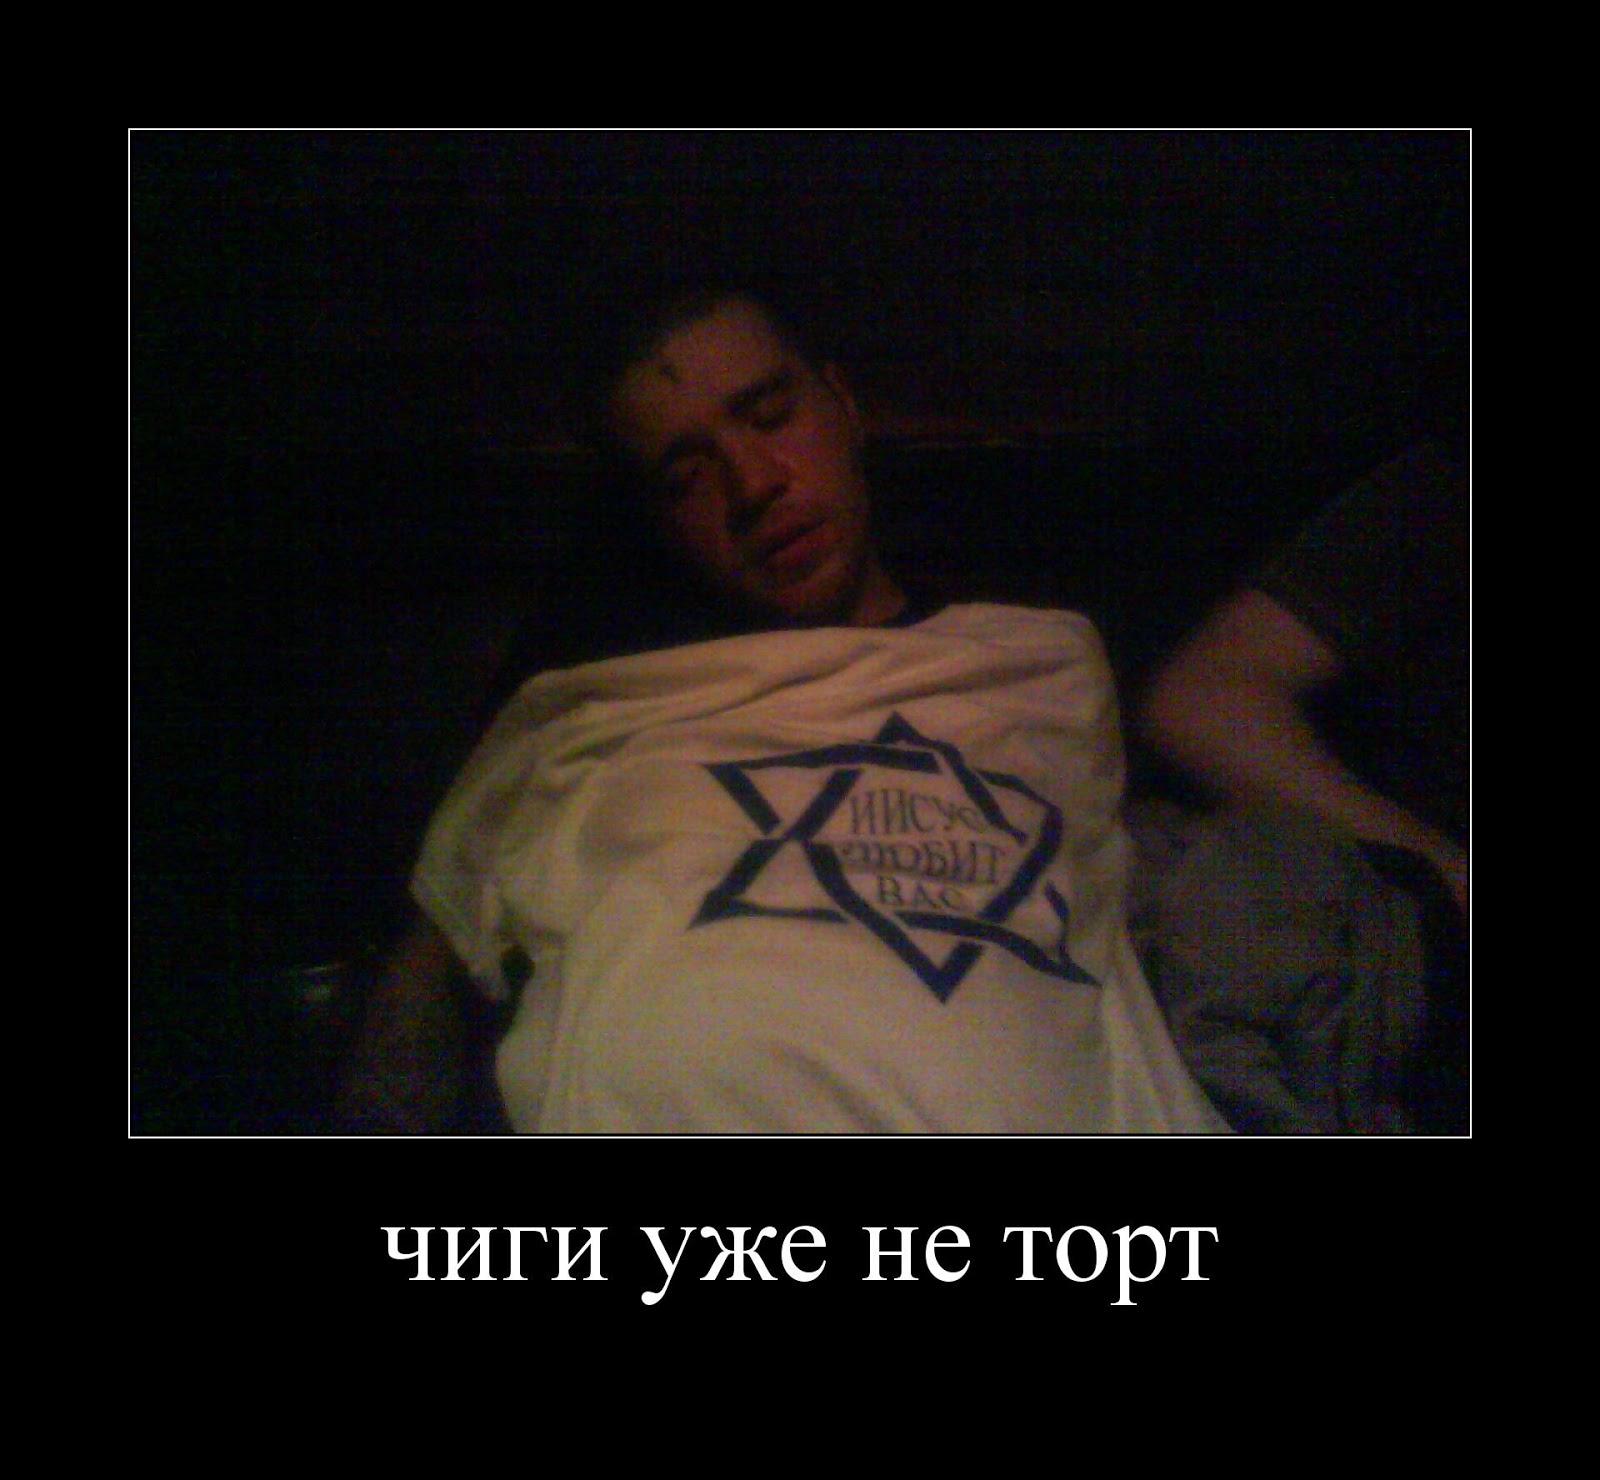 spalilas-v-vannoy-prishlos-stanovitsya-rakom-russkoe-onlayn